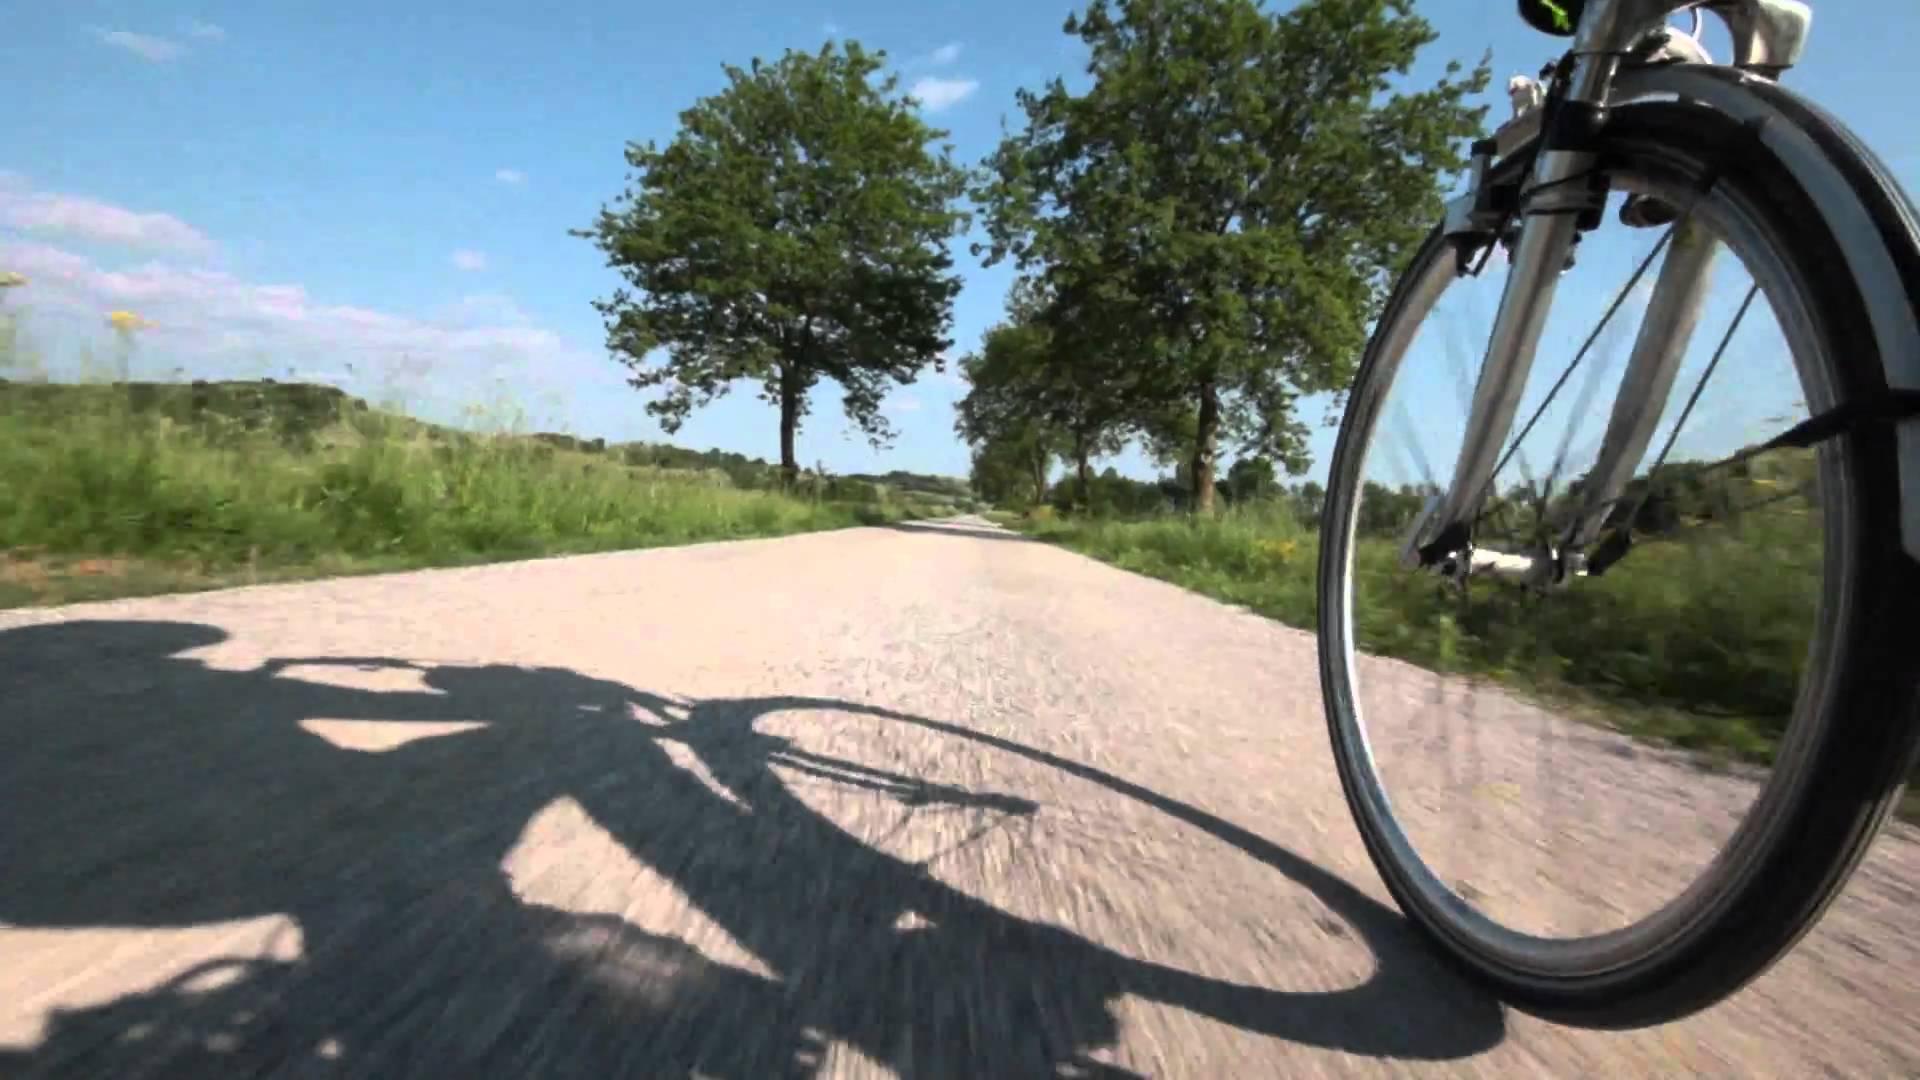 Piste ciclabili in Italia: luci e ombre della mobilità sostenibile tricolore